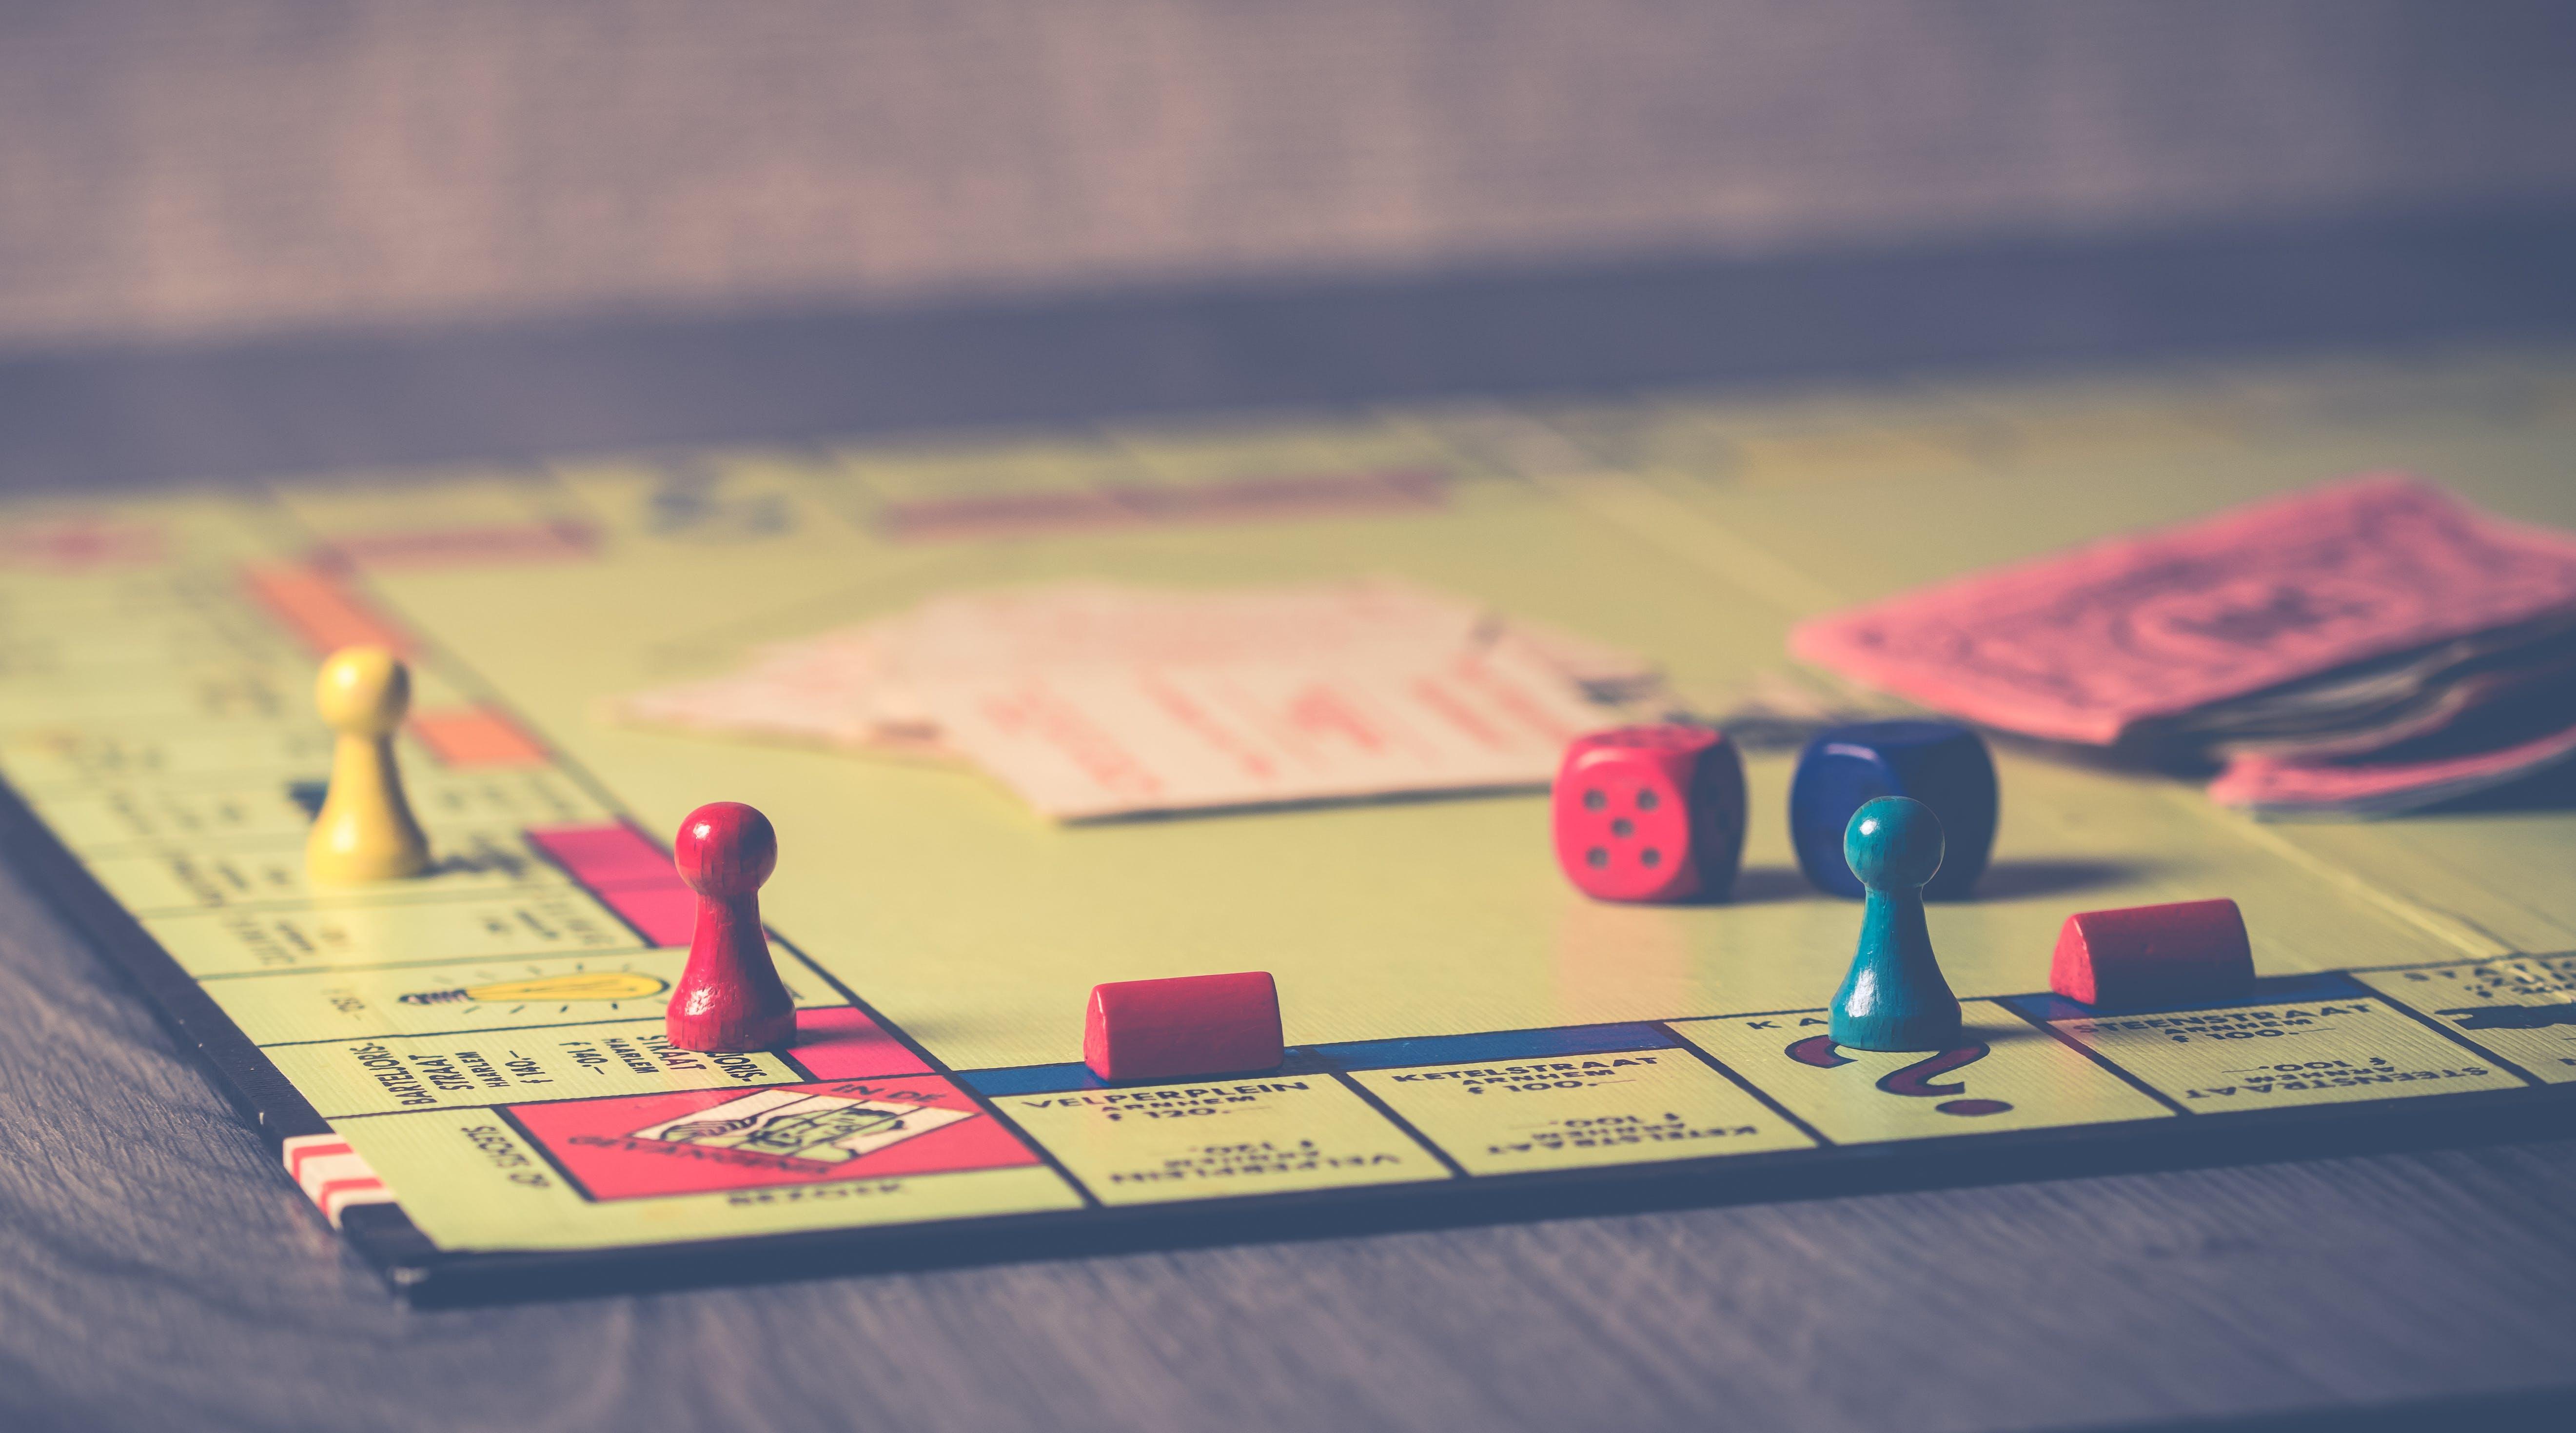 게임, 놀이, 모노폴리, 보드 게임의 무료 스톡 사진